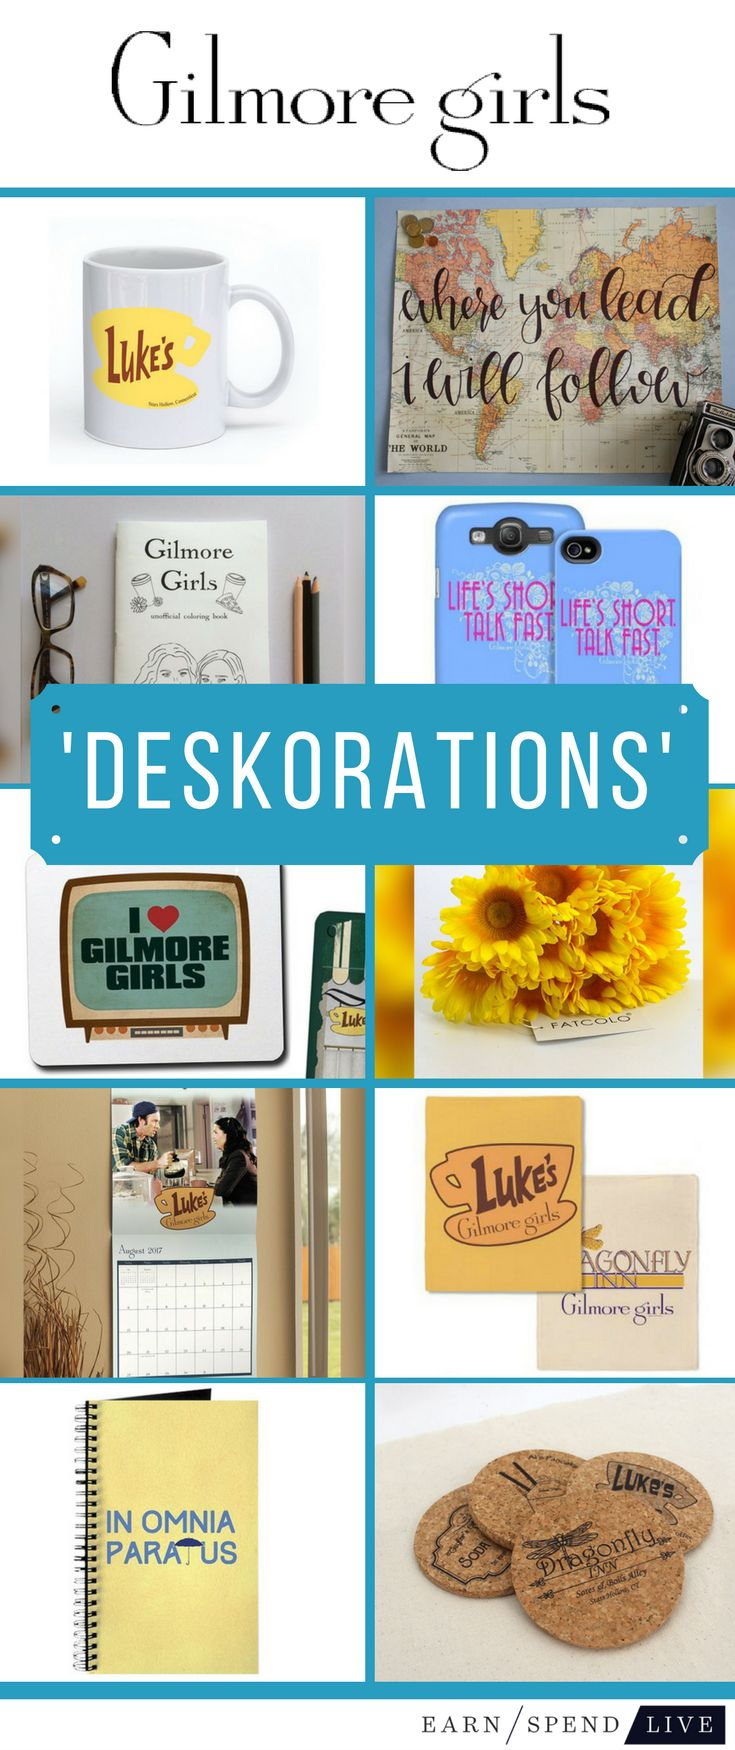 Deskorations: 'Gilmore Girls' Desk Essentials